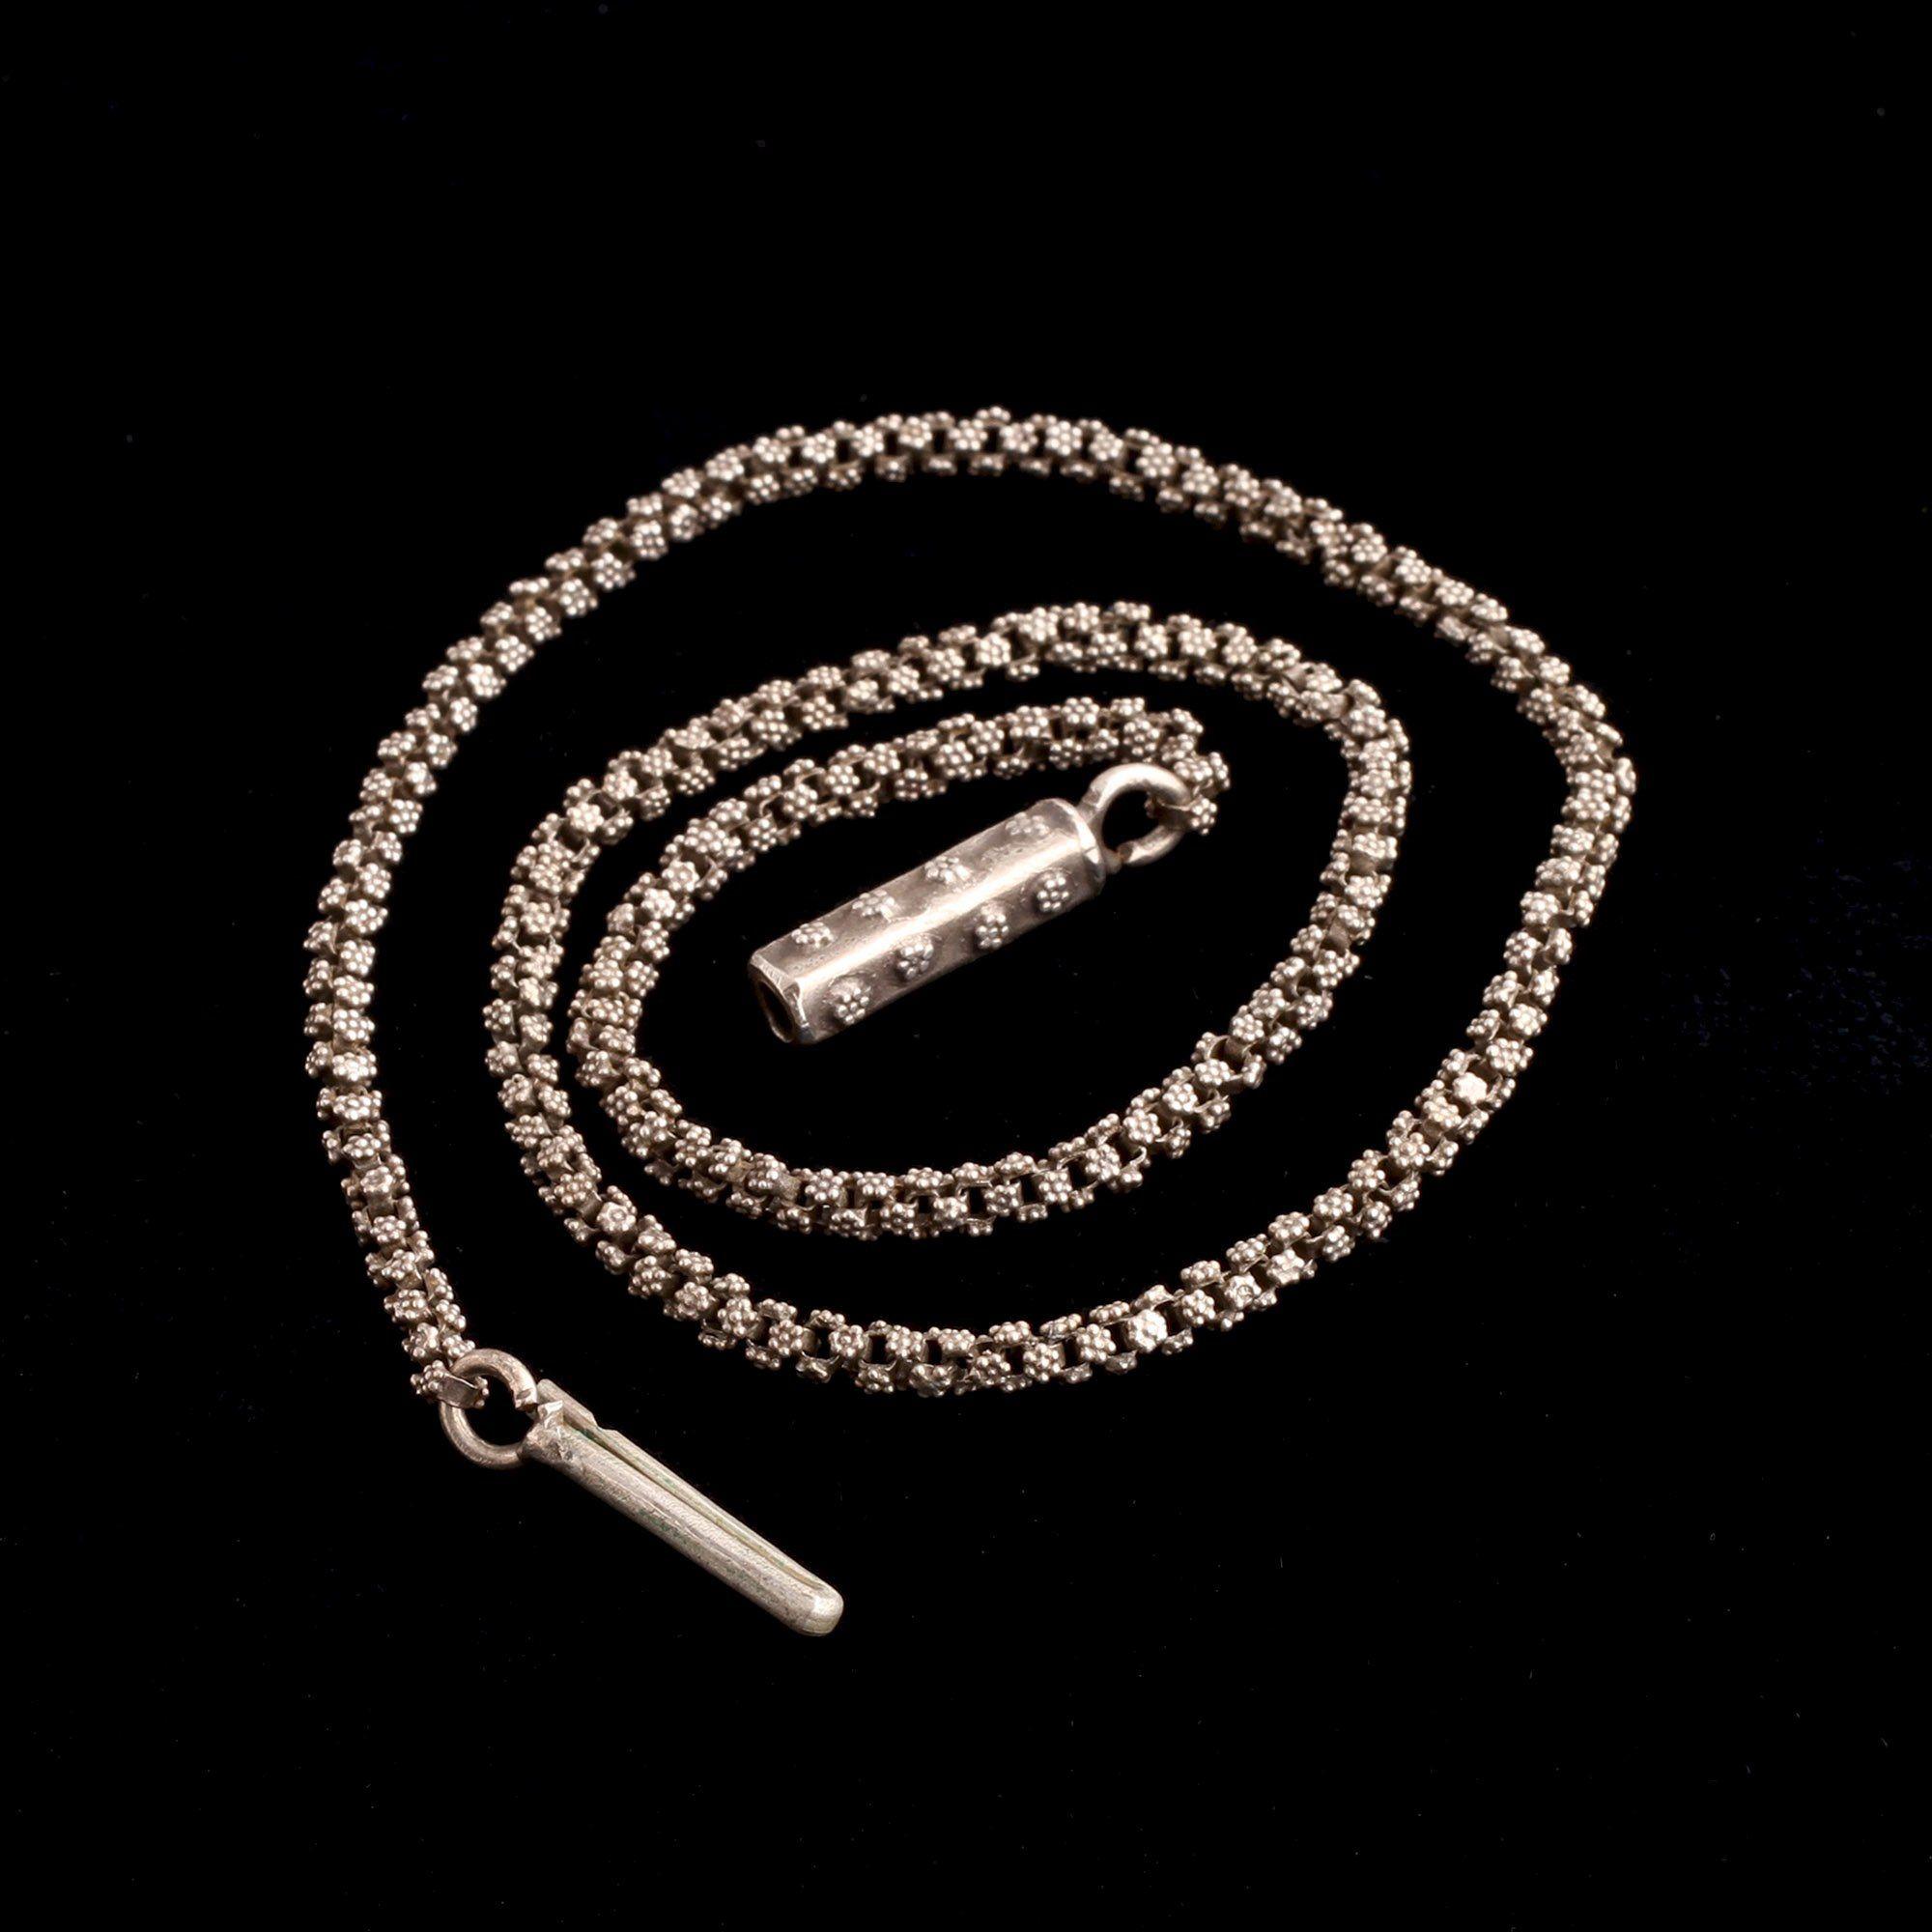 Georgian Floral Silver Chain